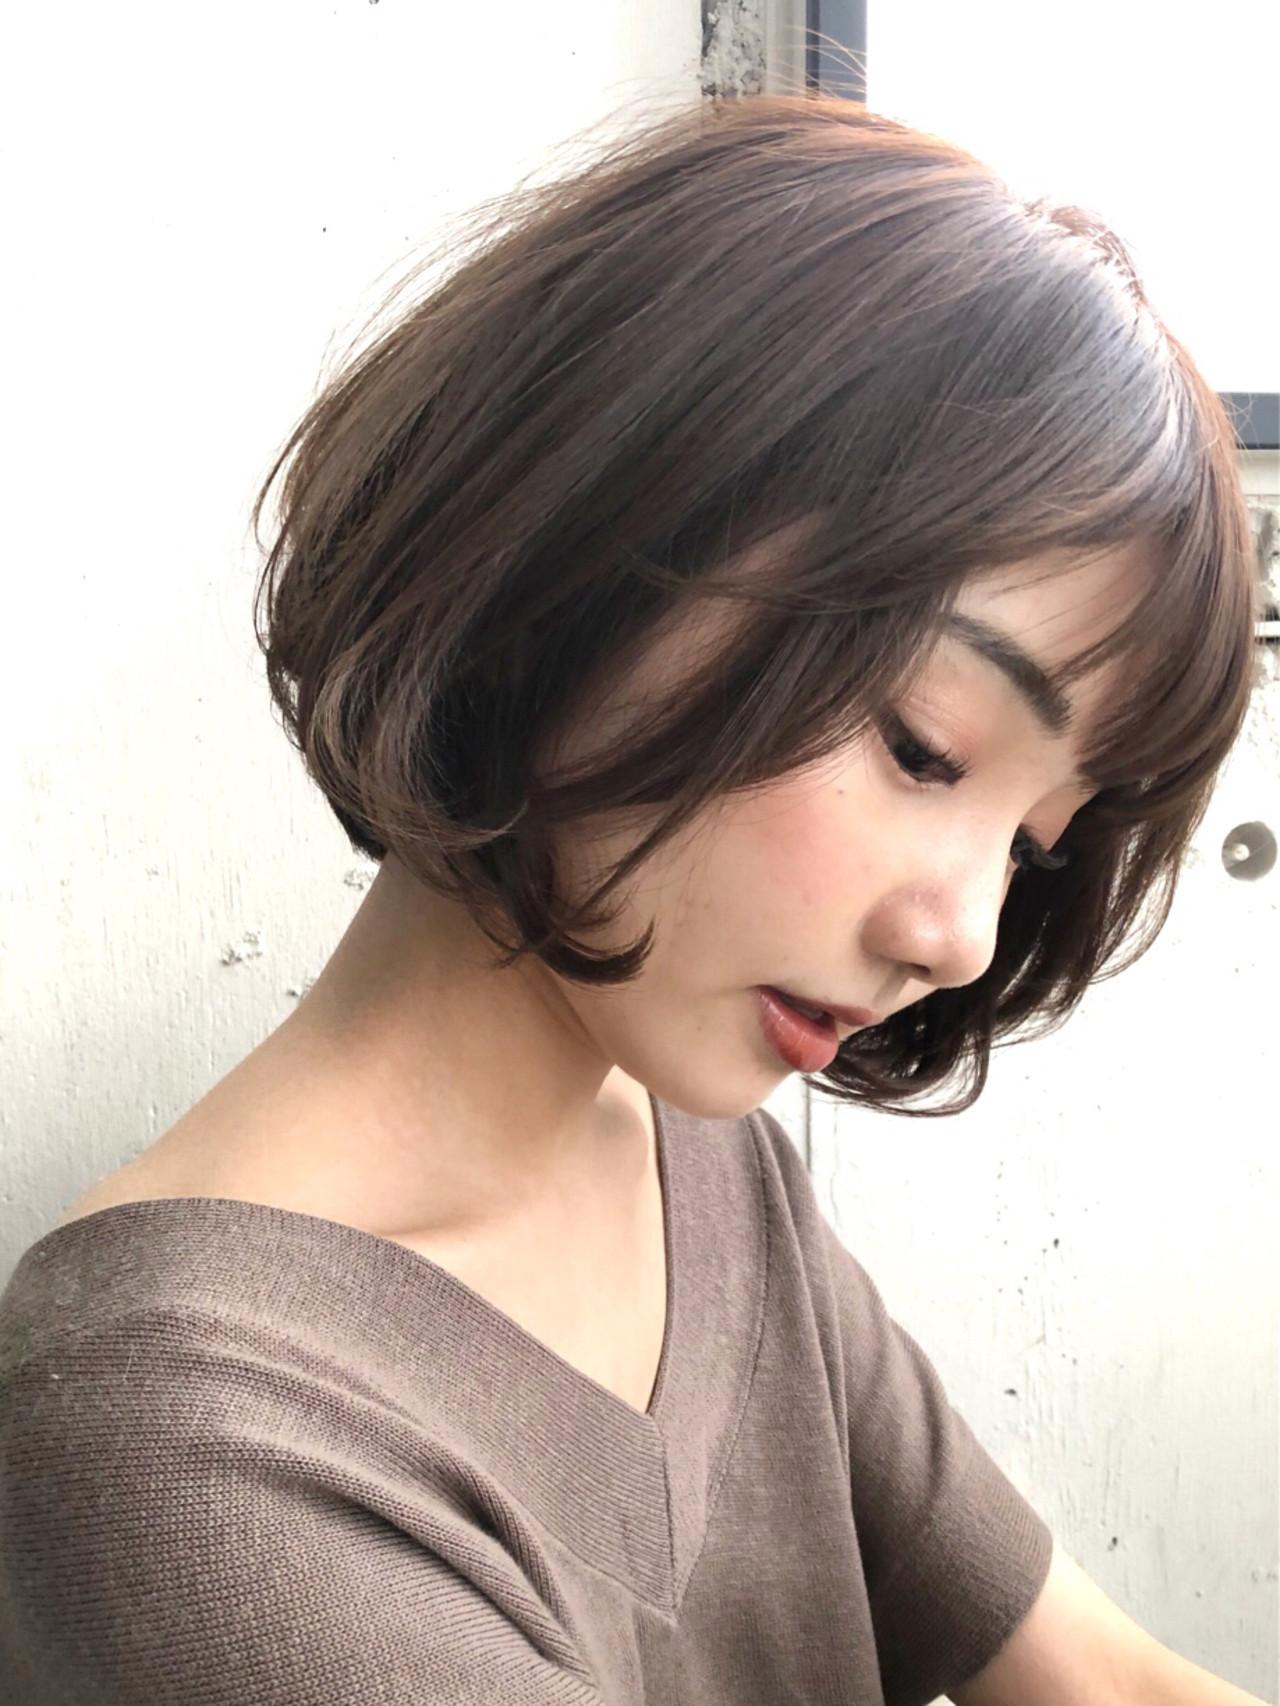 色持ち抜群!きれいな髪色が長続きするヘアカラーのひ・み・つご紹介!